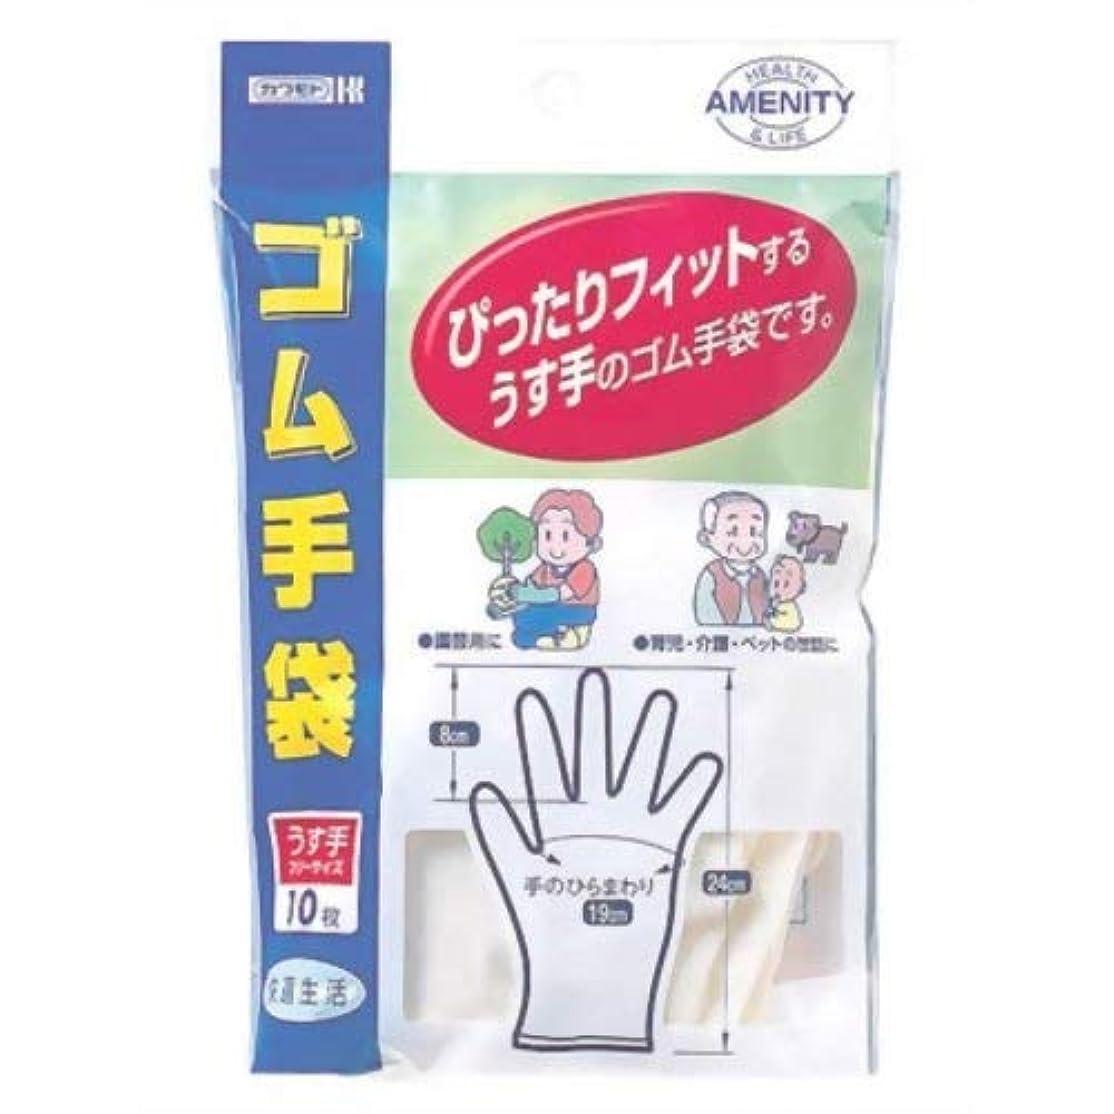 なので無関心欠員カワモト ゴム手袋 10枚 ×6個